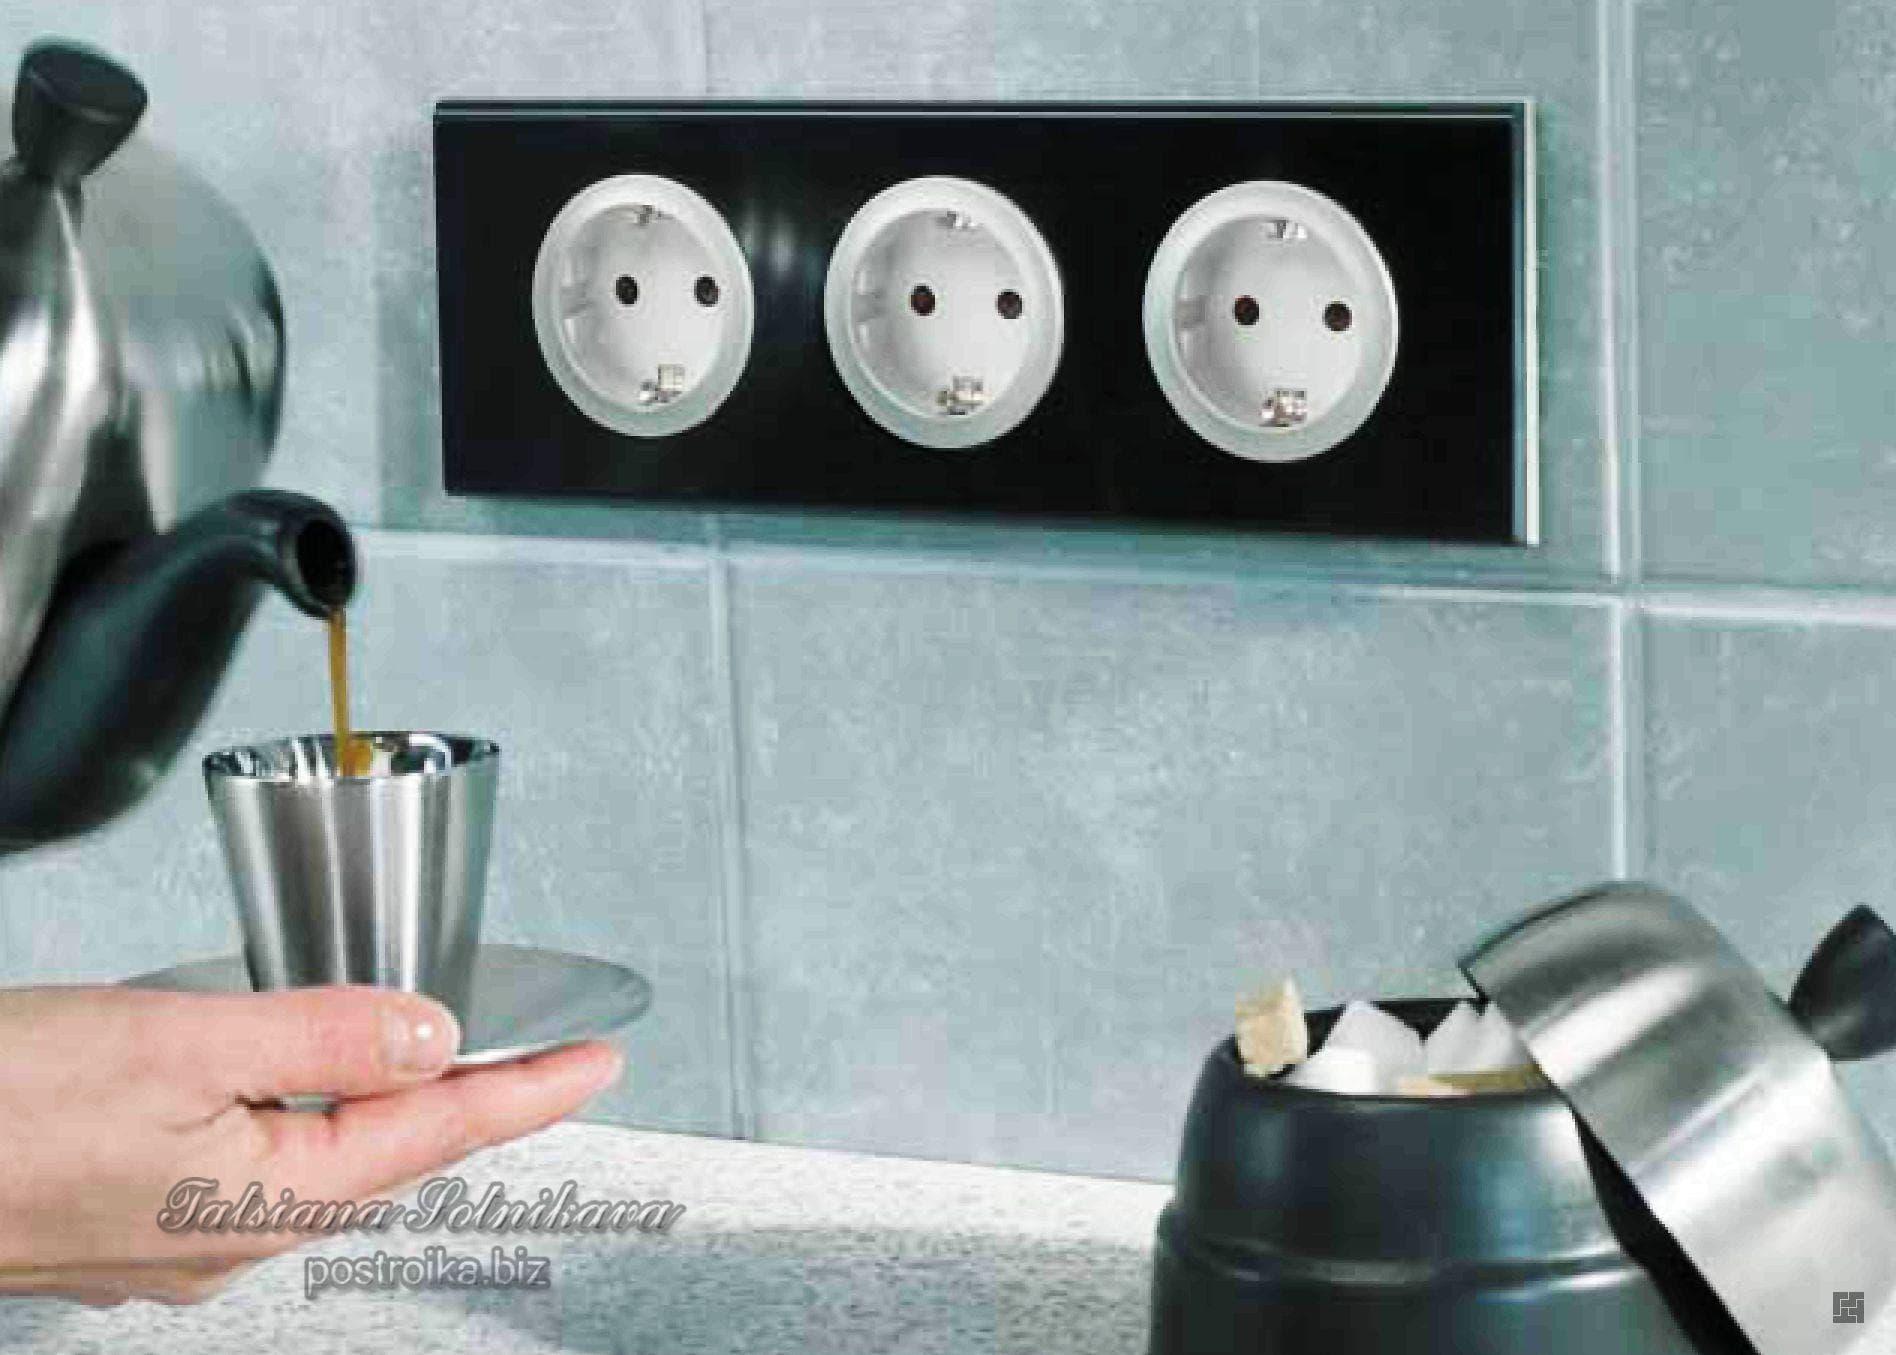 Как расположить розетки на кухне для подключения всей техники. Правила выбора, характеристики и защита кухонных розеток для вытяжки Как сделать розетку для встроенной вытяжки